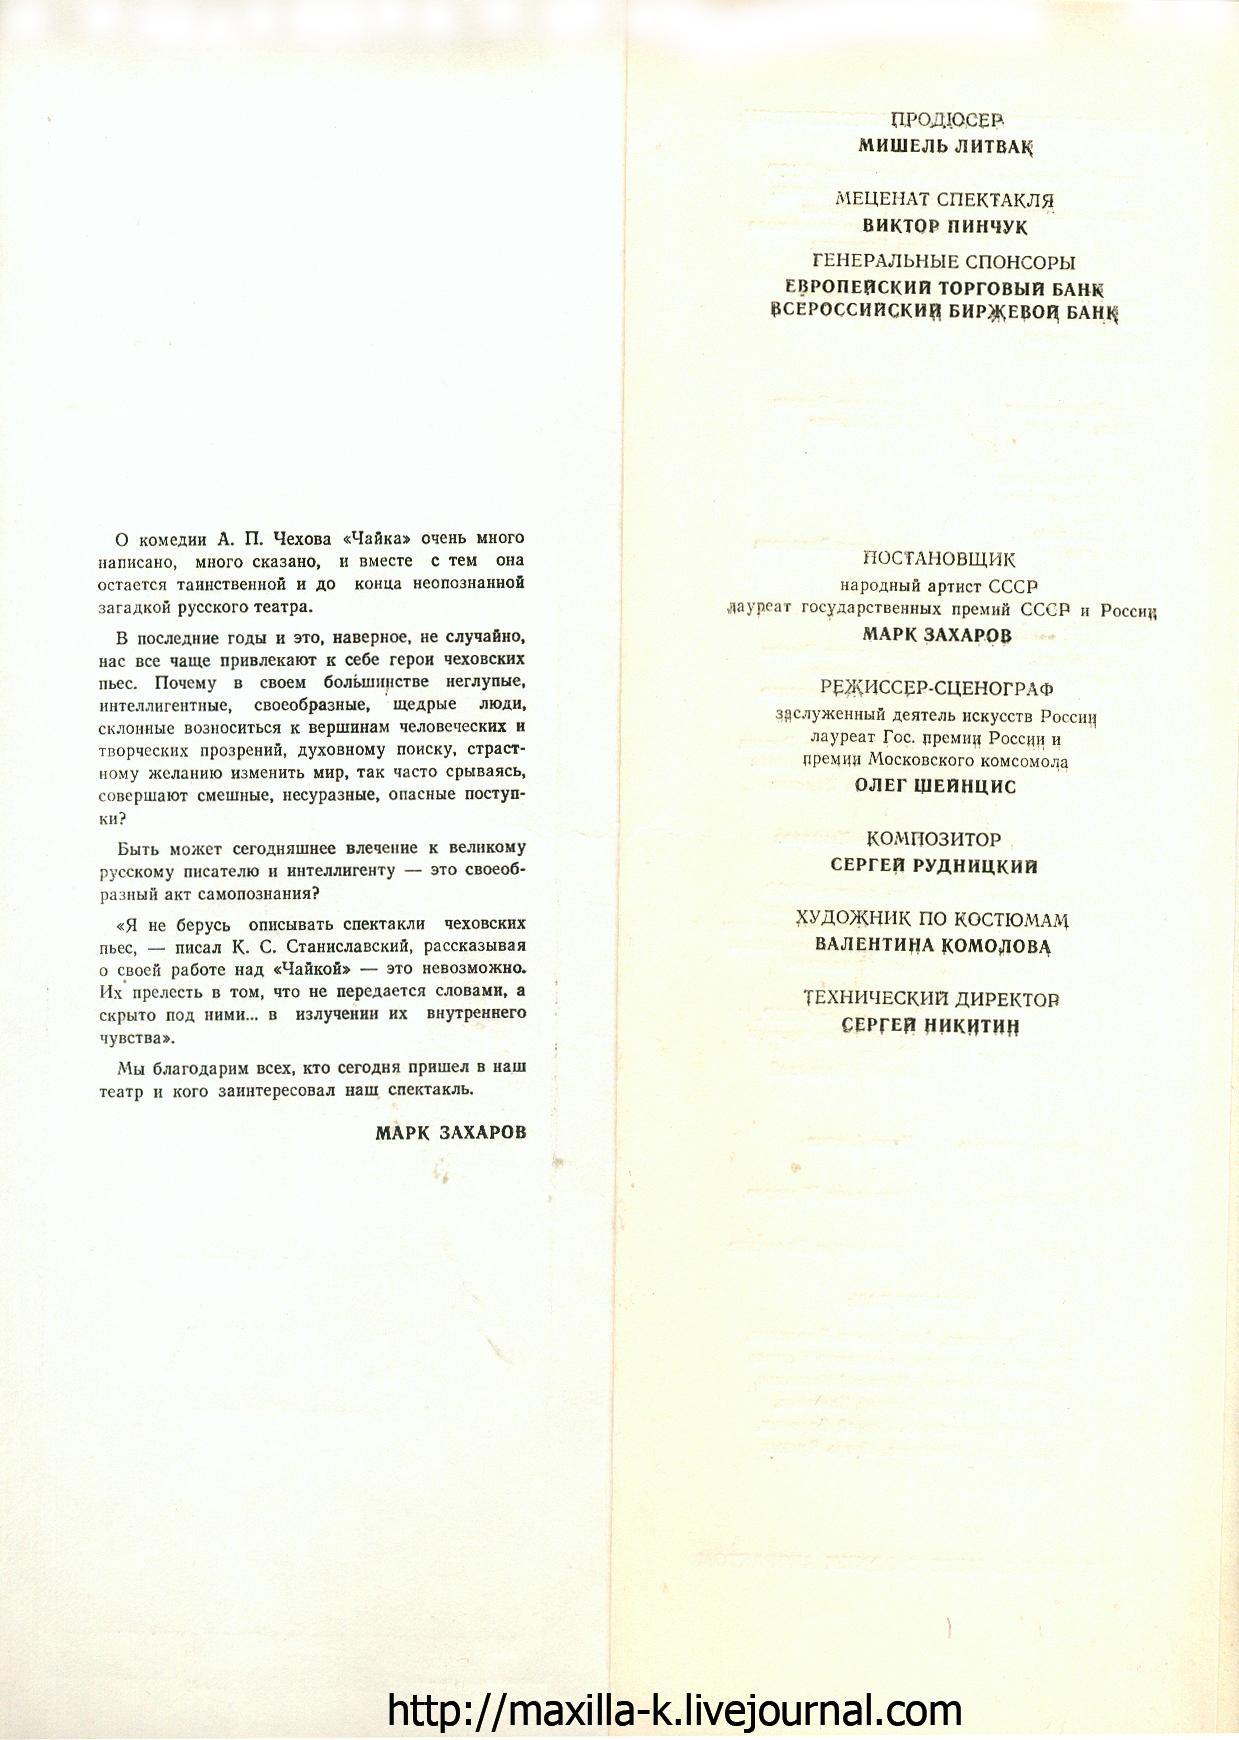 Чайка Марка Захарова